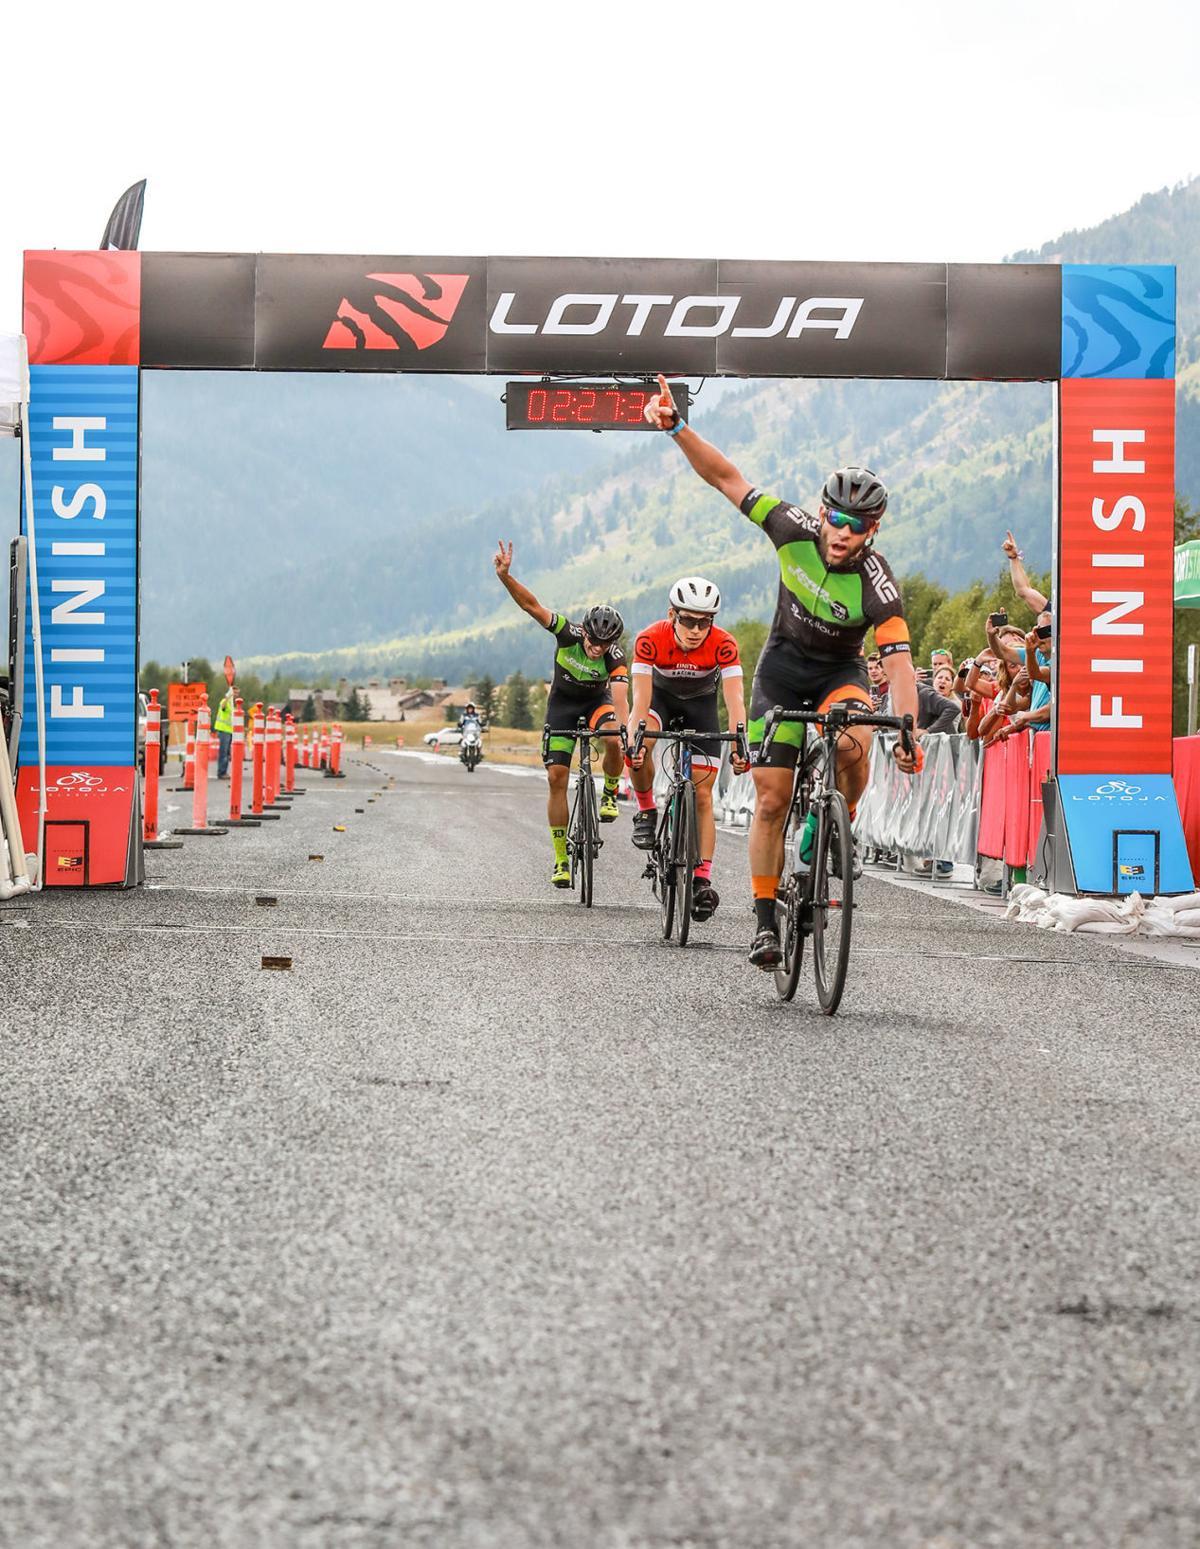 LoToJa finish line